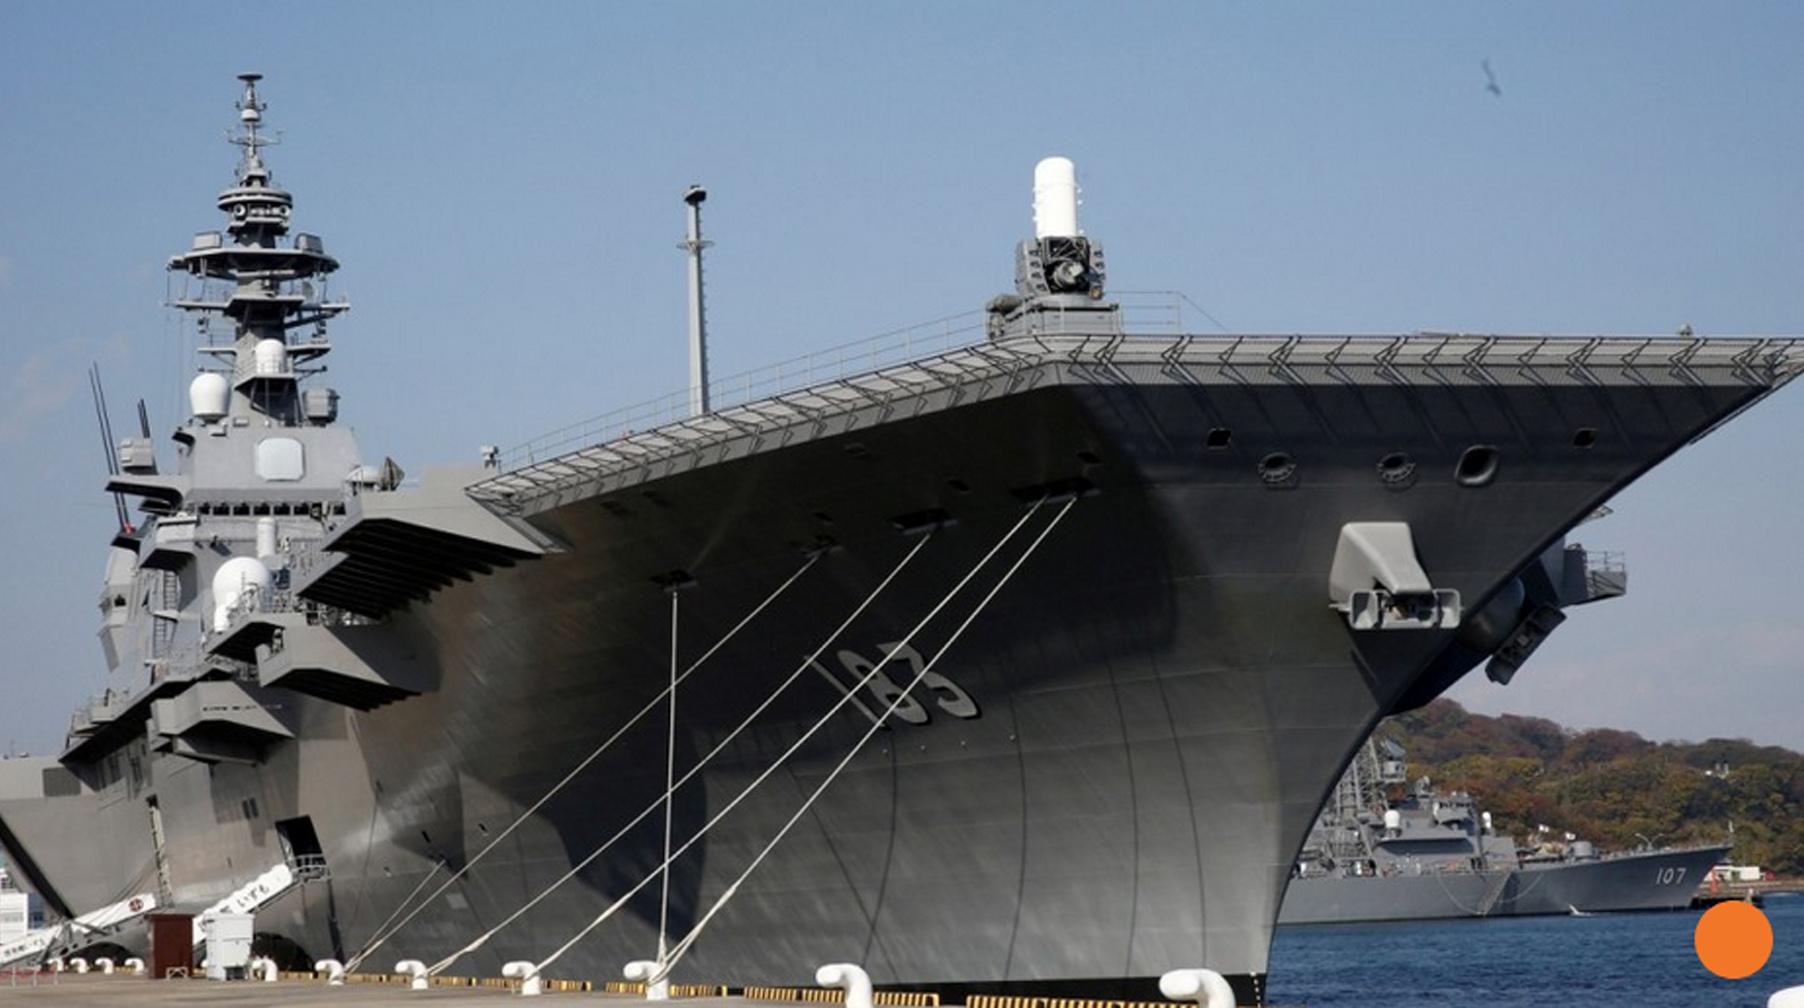 Nhật có thể muốn nâng cấp khu trục hạm thành hàng không mẫu hạm